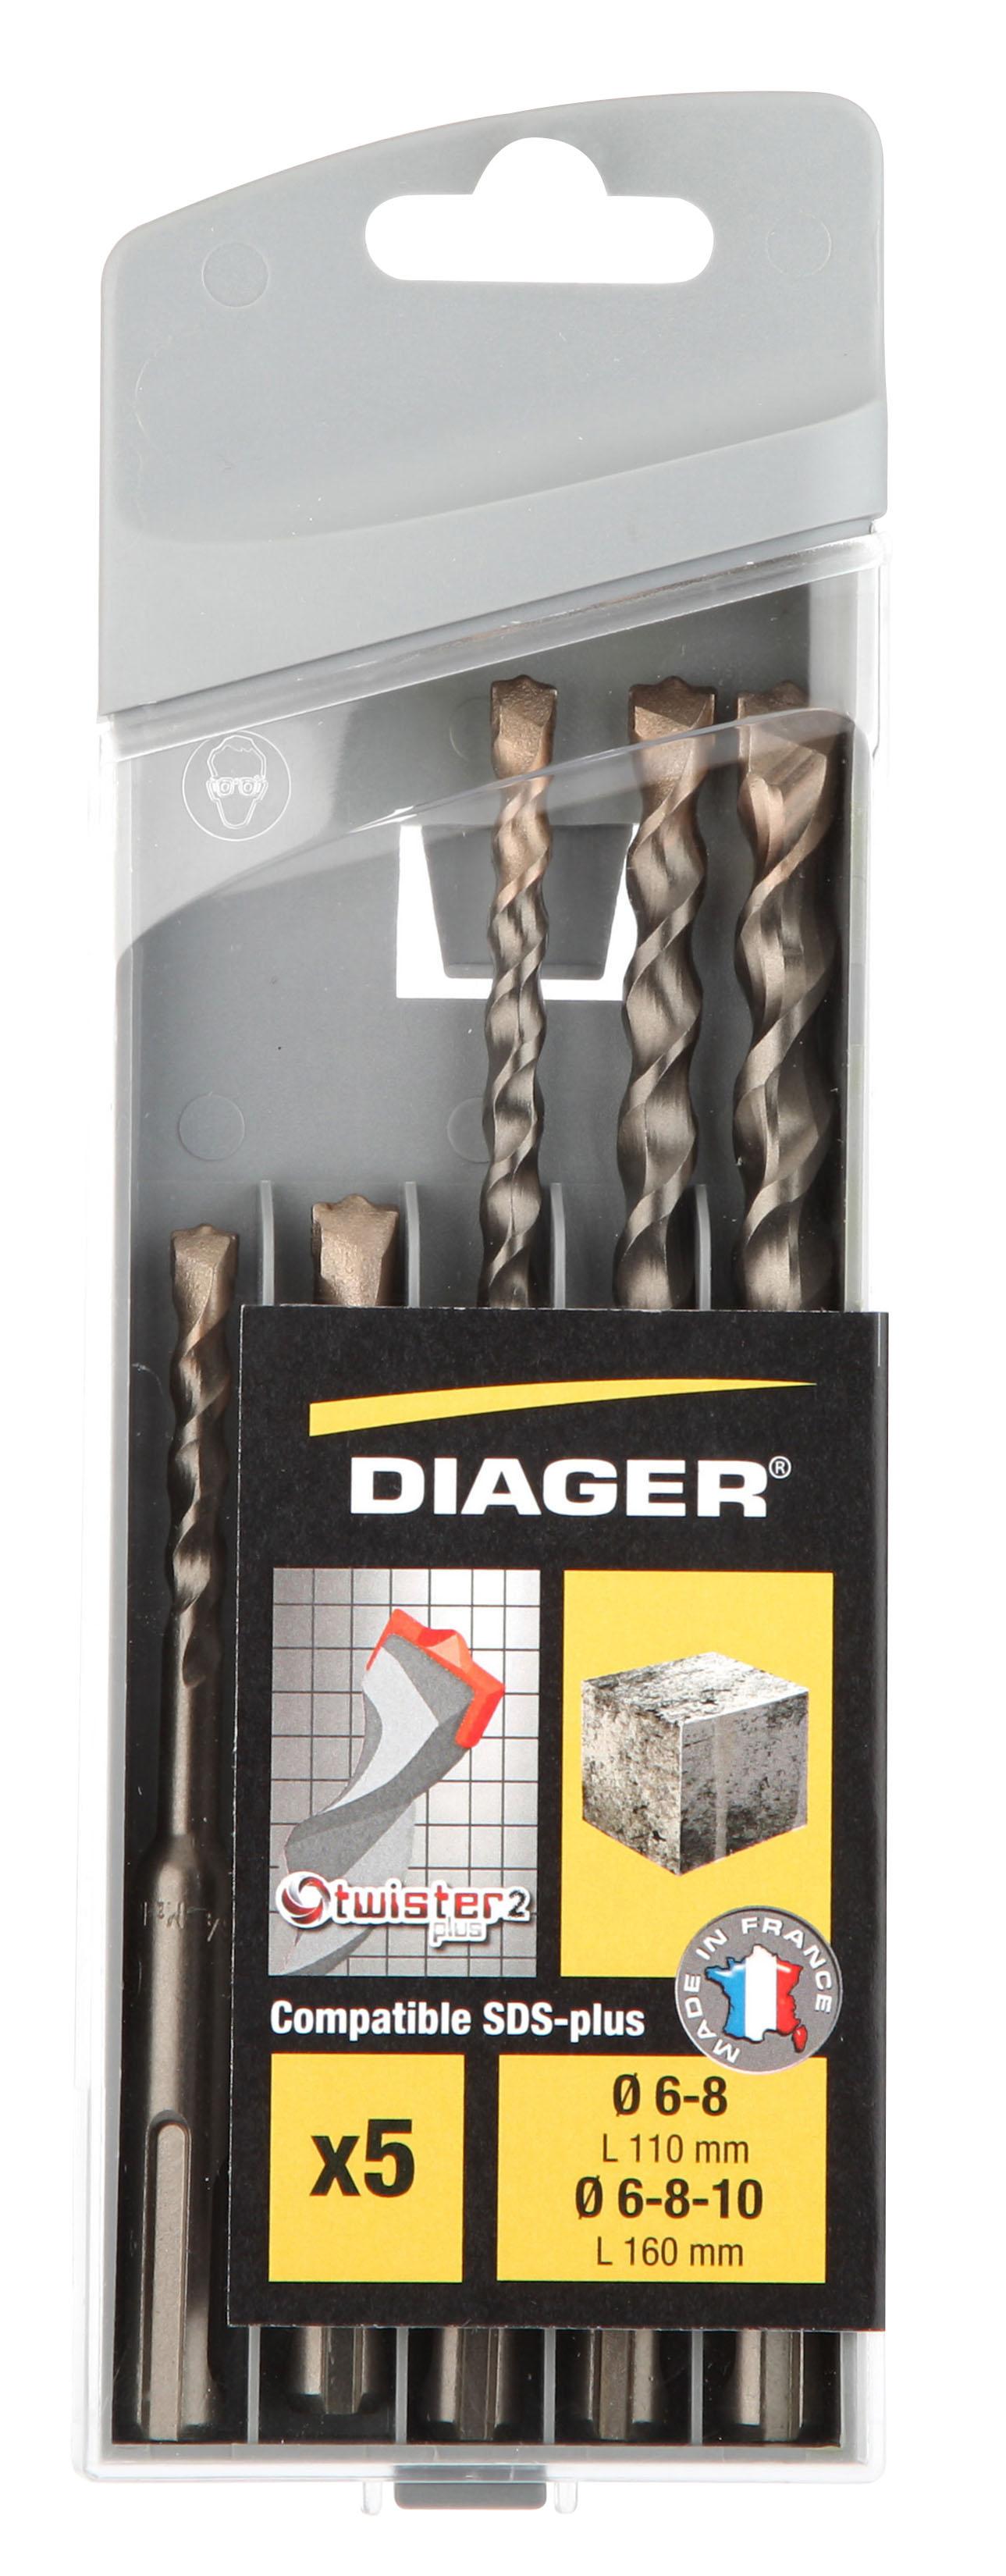 Perçage Twister Plus Coff plast. 5pcs Twister-plus L110 Ø6-8 L160 Ø6-8-10 - 136C.jpg